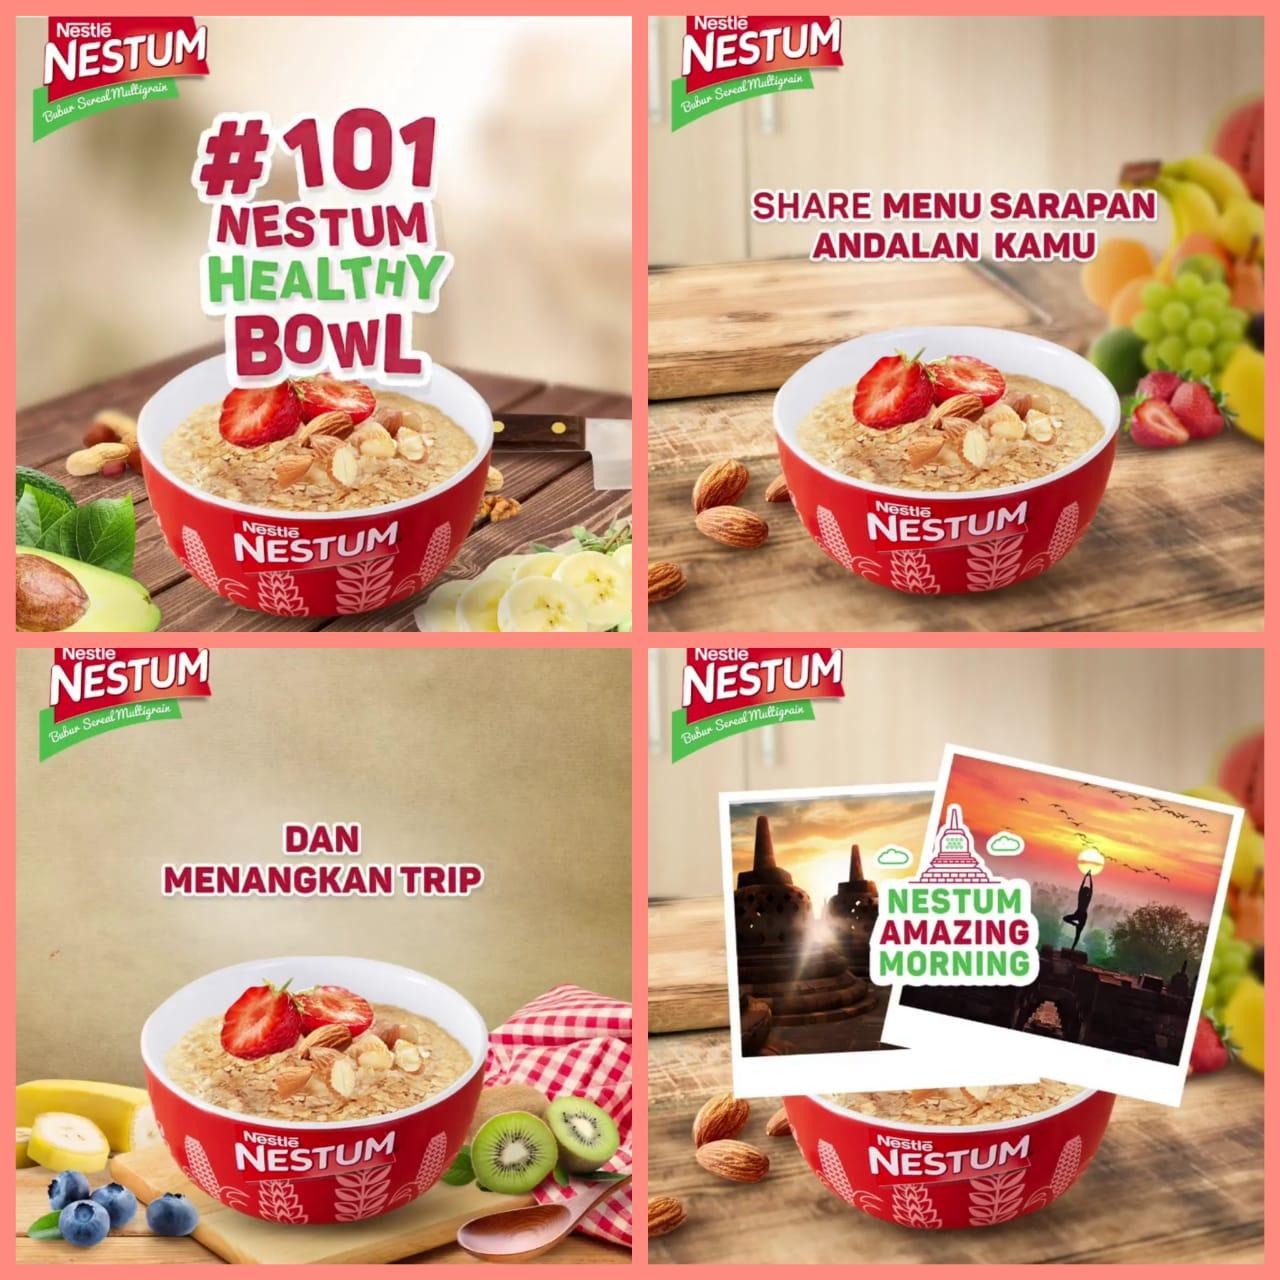 NESTUM 101 Healthy Bowls